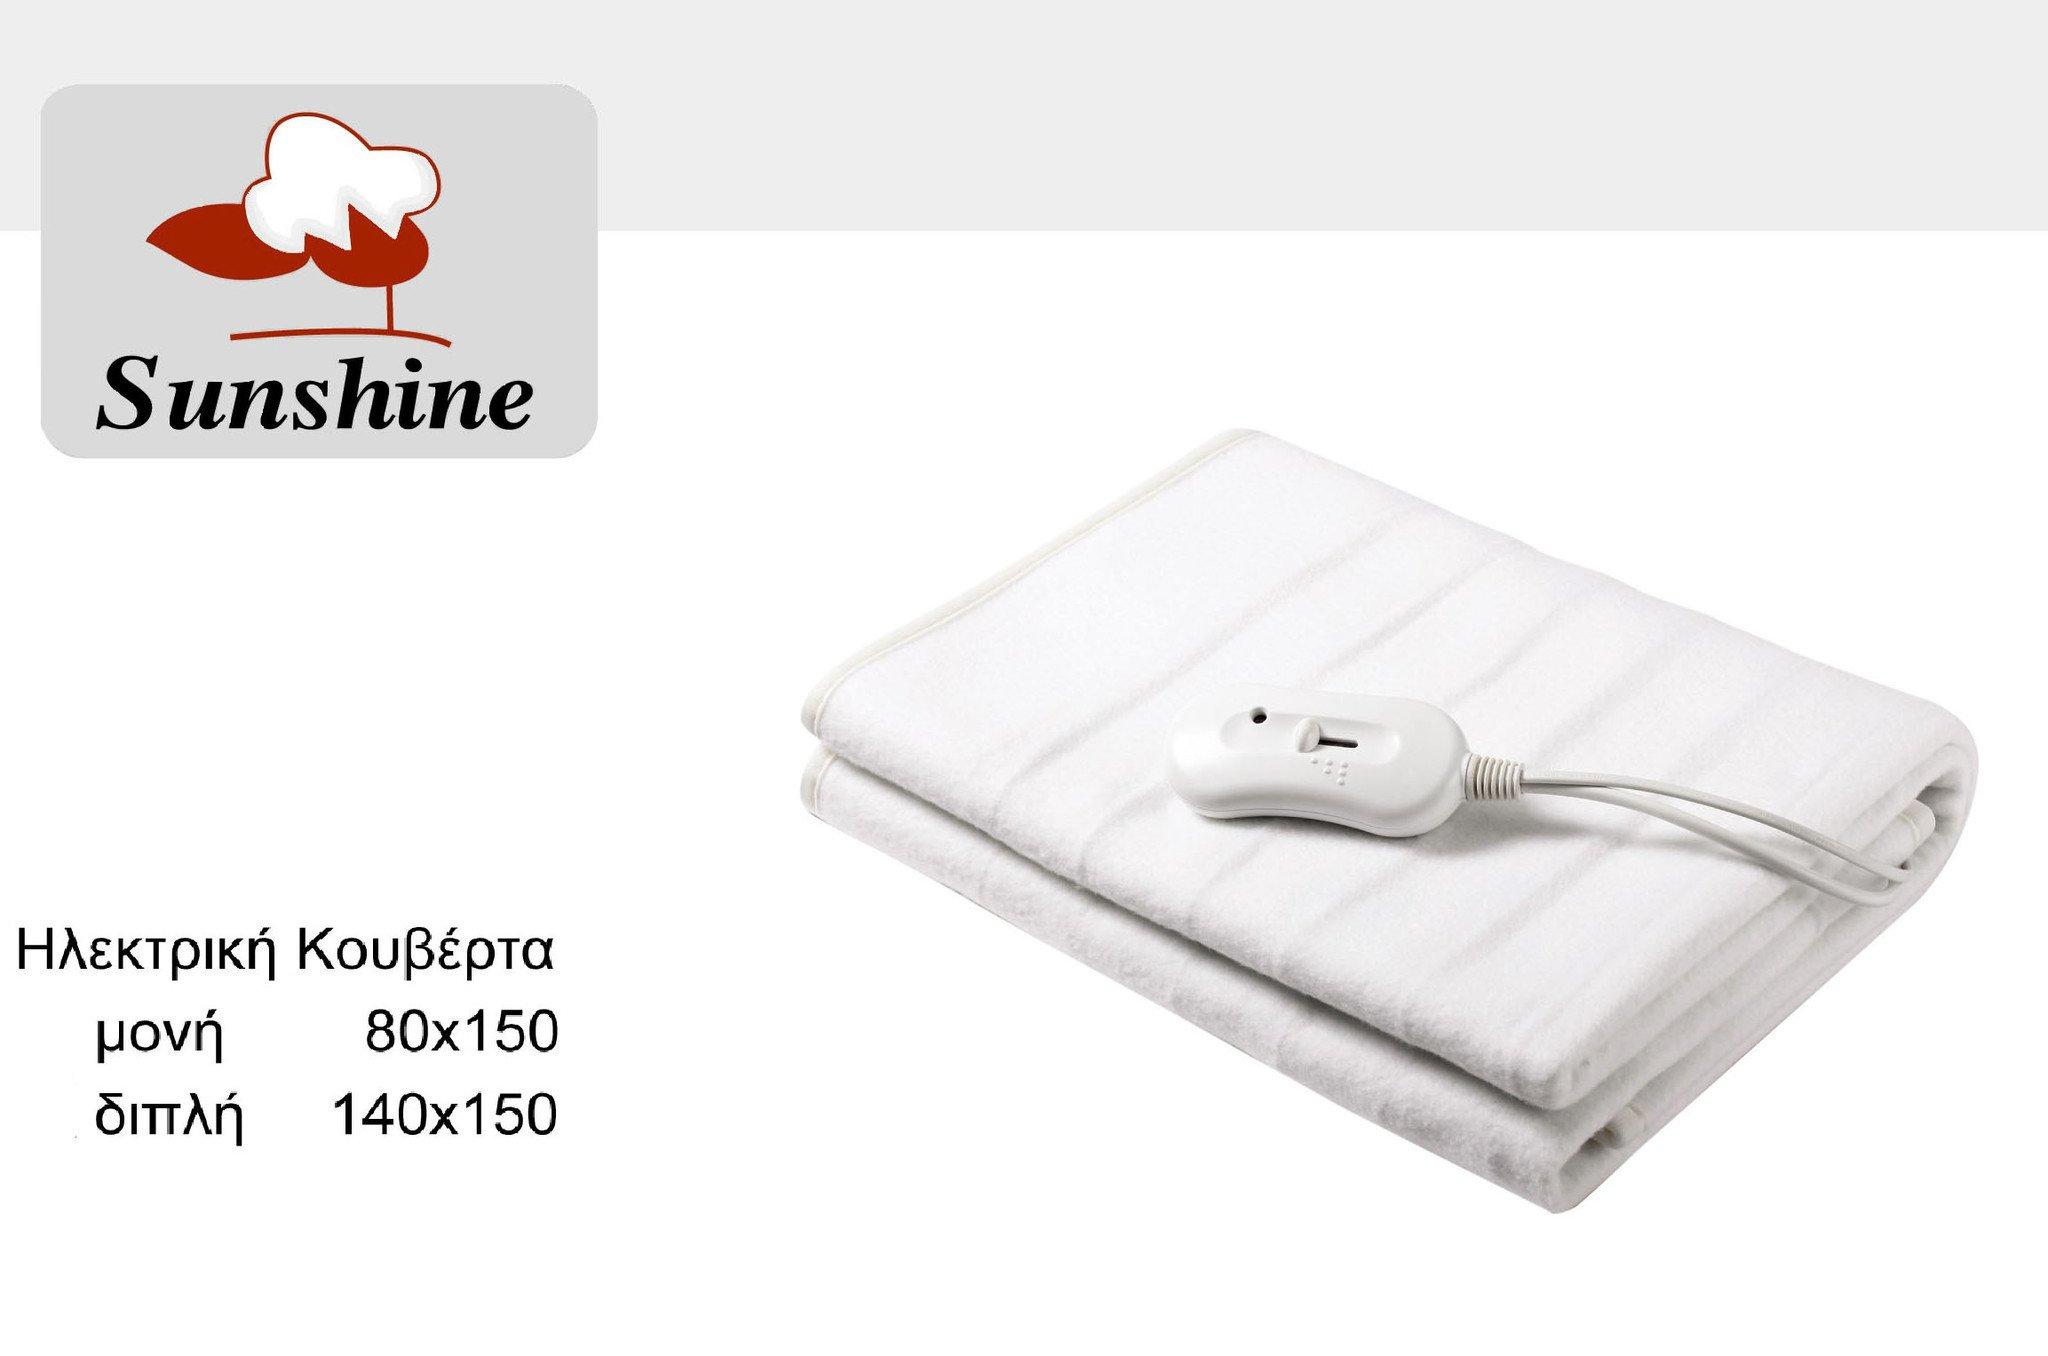 Ηλεκτρική κουβέρτα Sunshine-Μονή 80×150